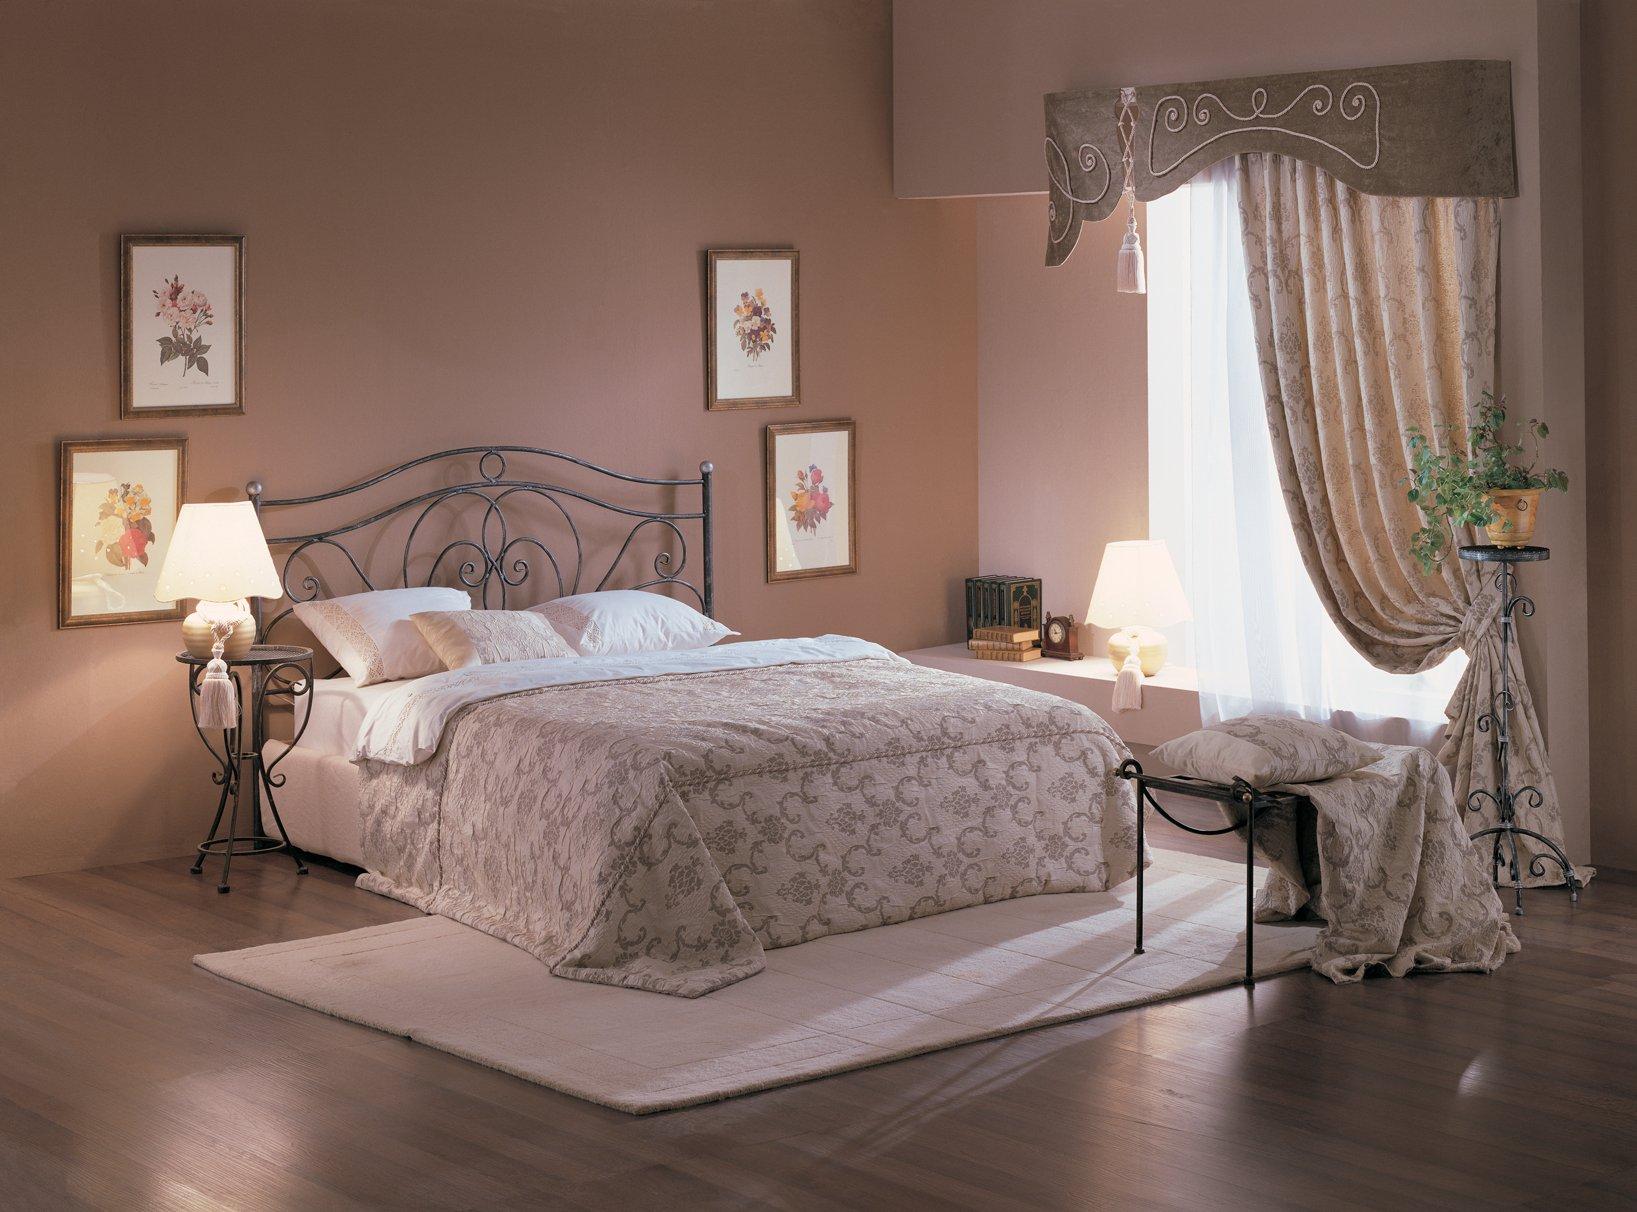 Бежево-коричневая классическая спальня